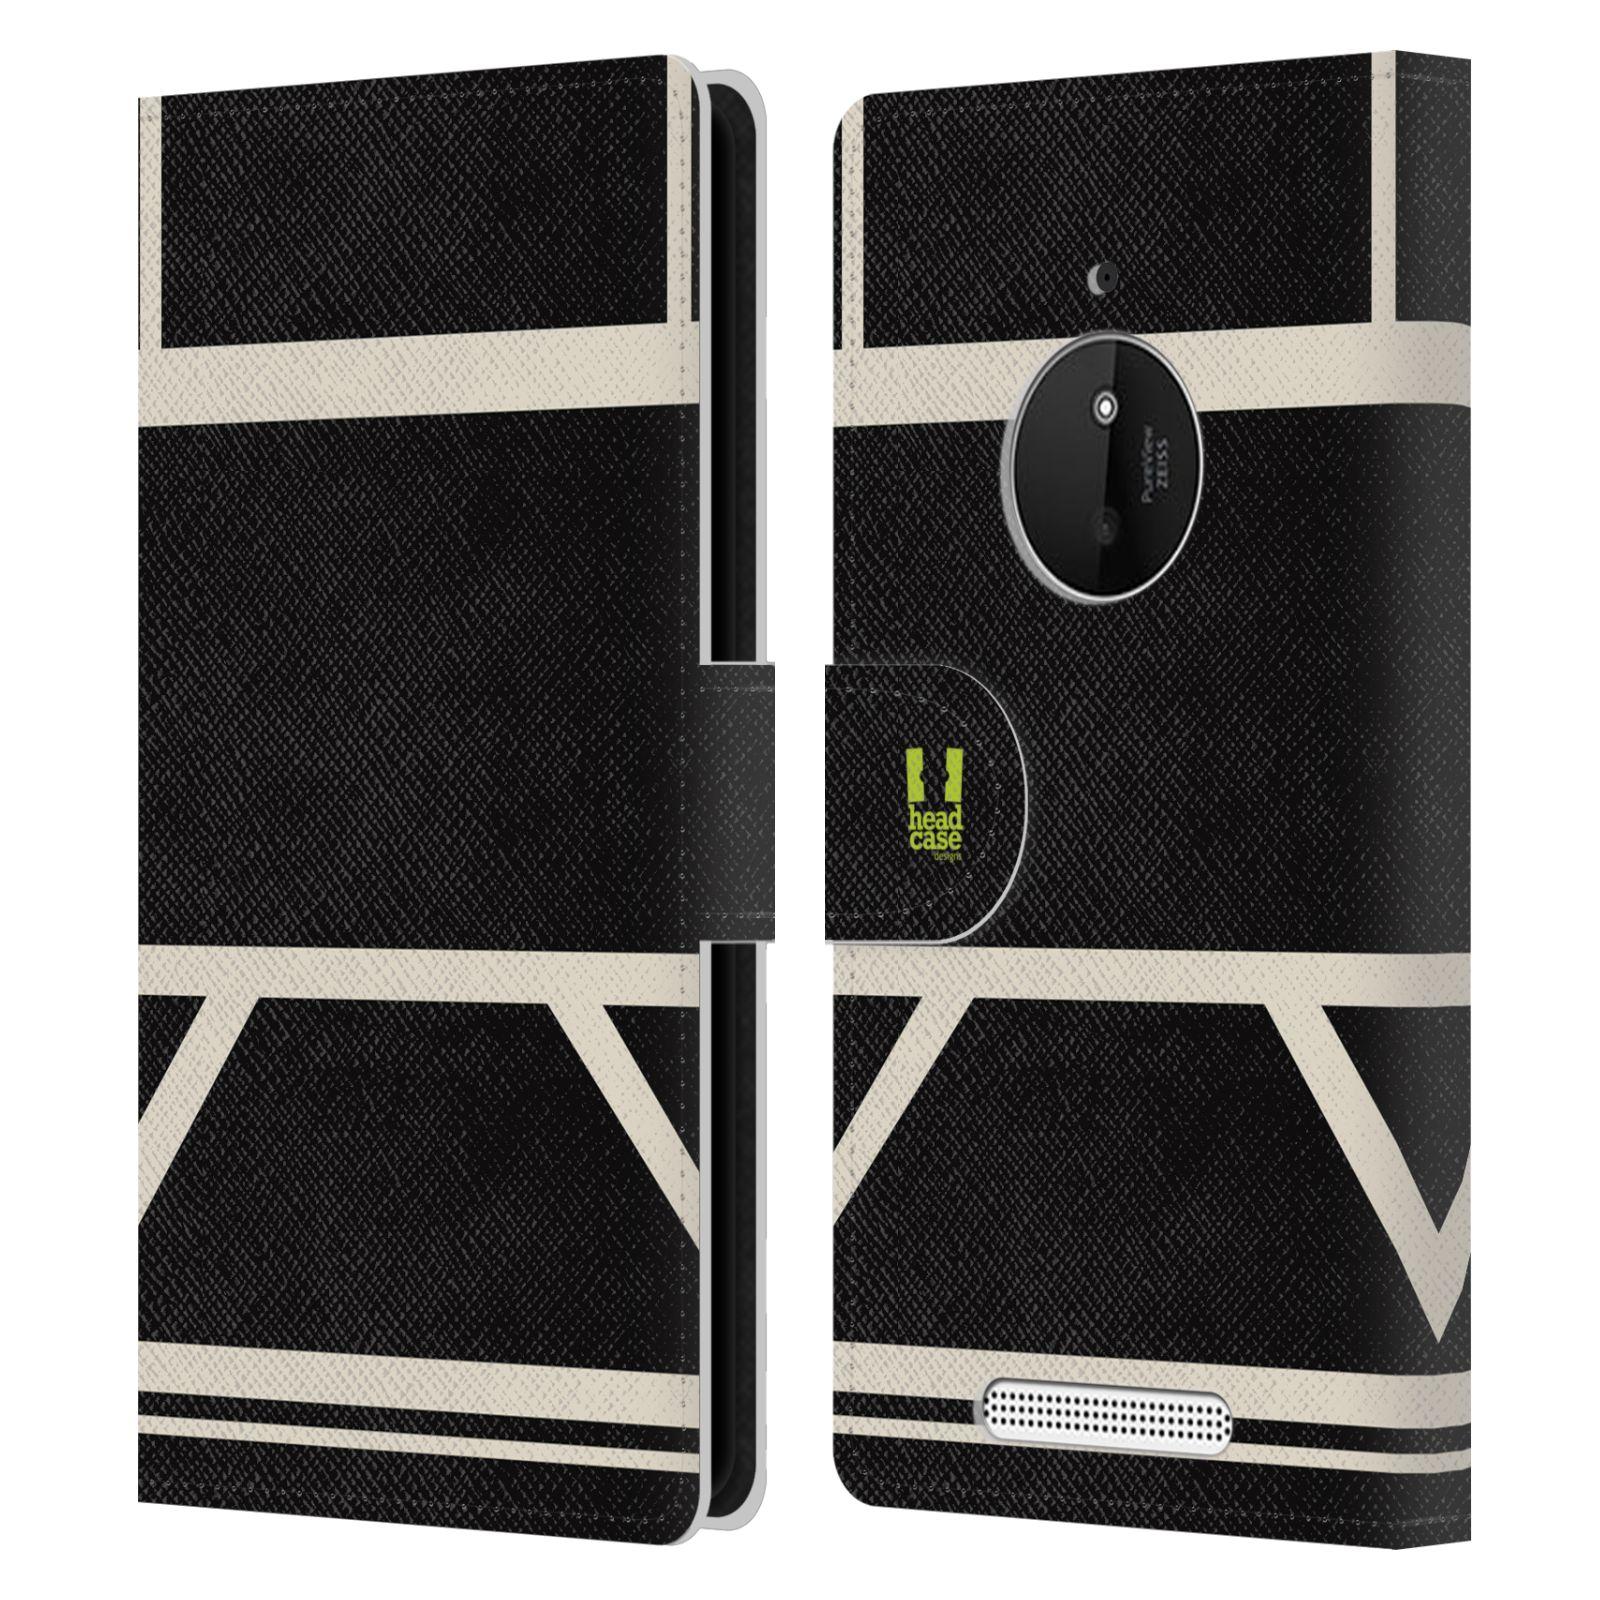 HEAD CASE Flipové pouzdro pro mobil Nokia LUMIA 830 barevné tvary černá a bílá proužek